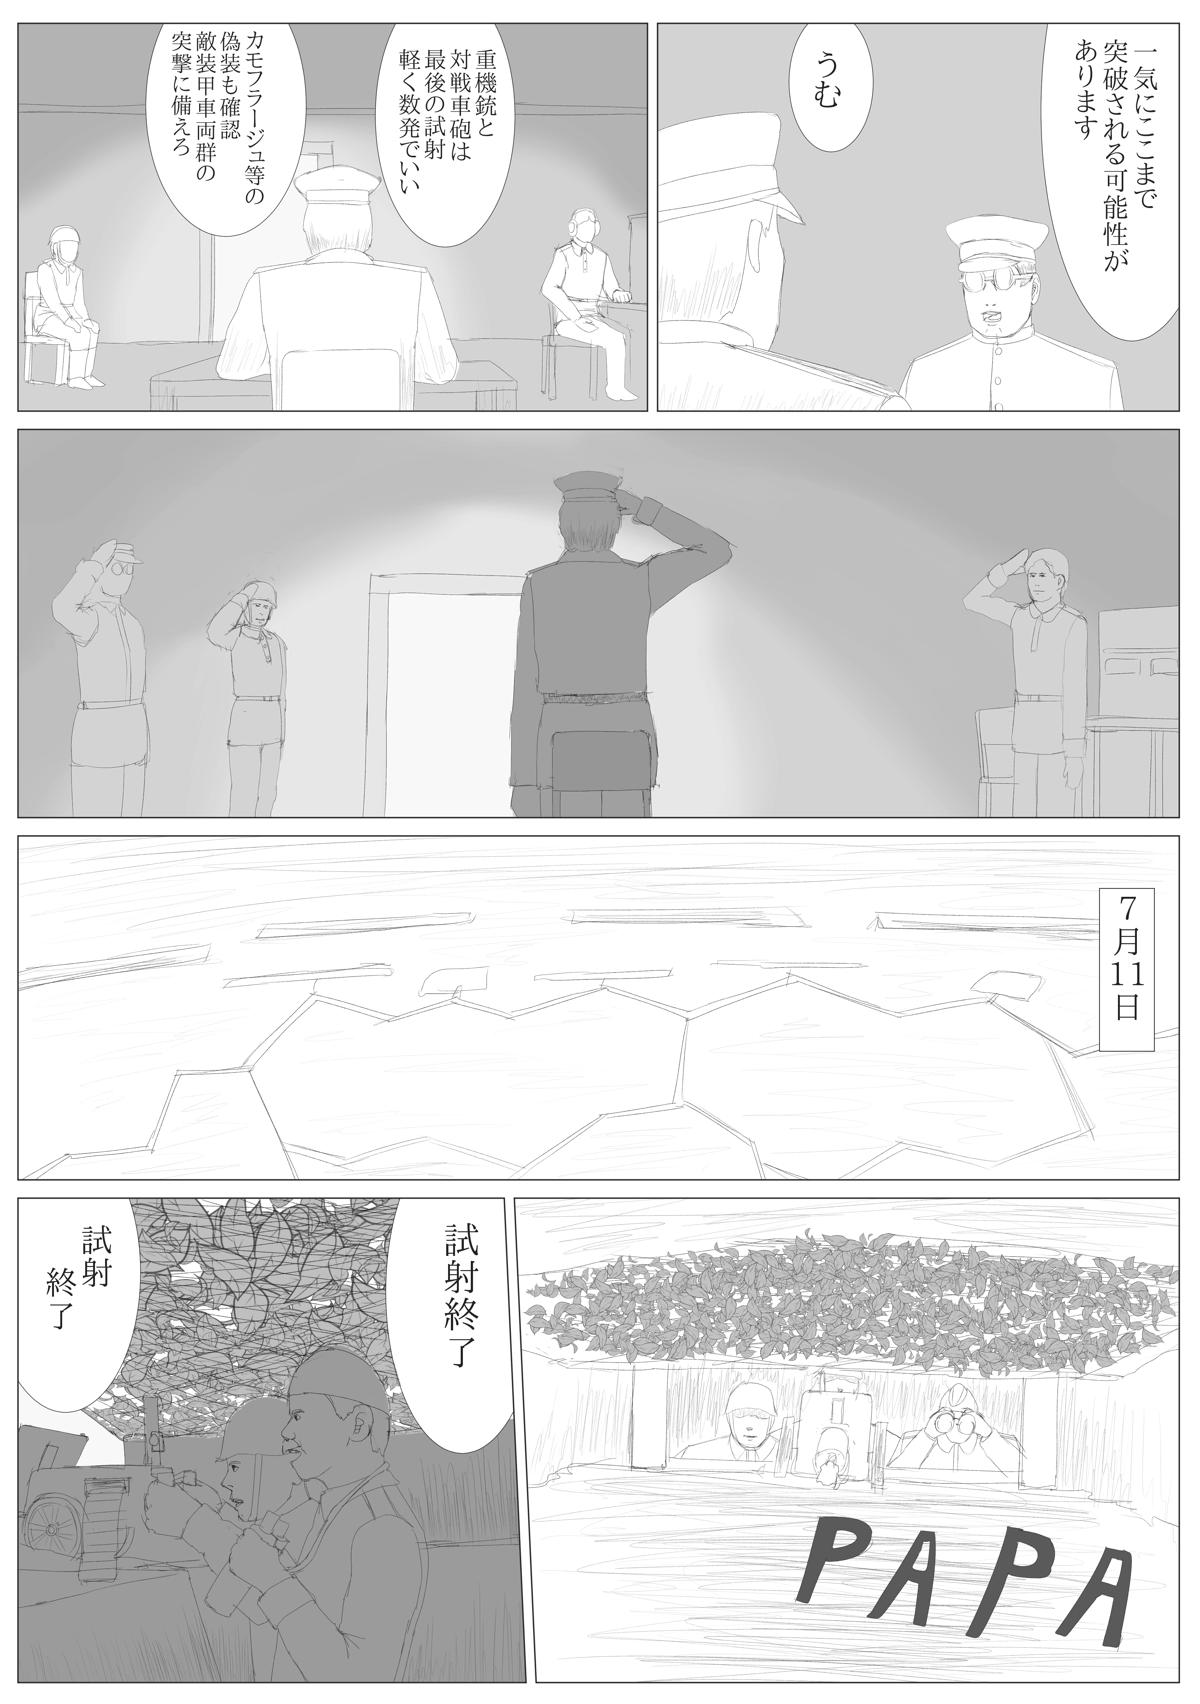 漫画のラフの清書